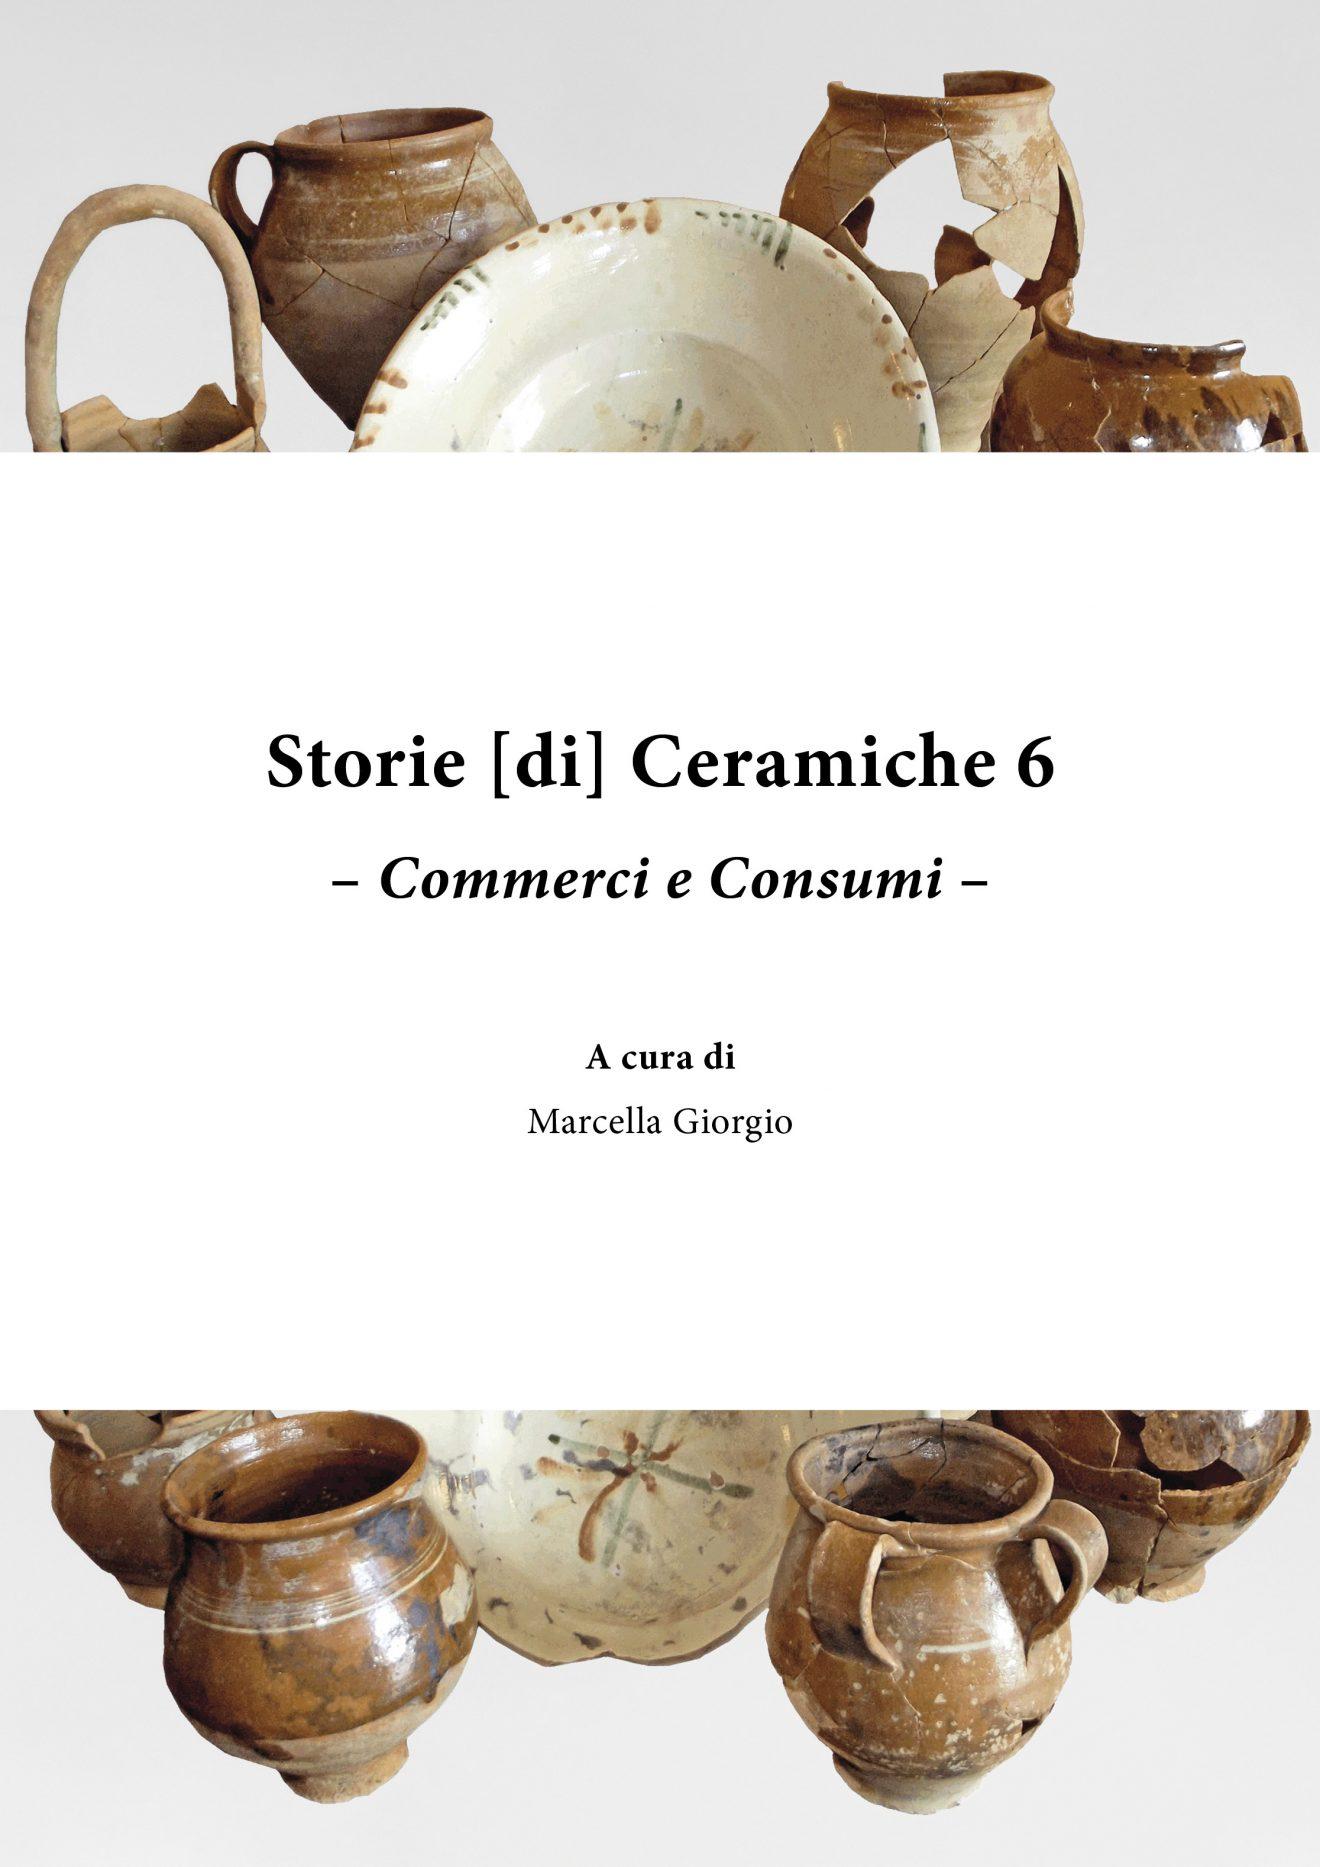 Storie [di] Ceramiche 6. Commerci e consumi